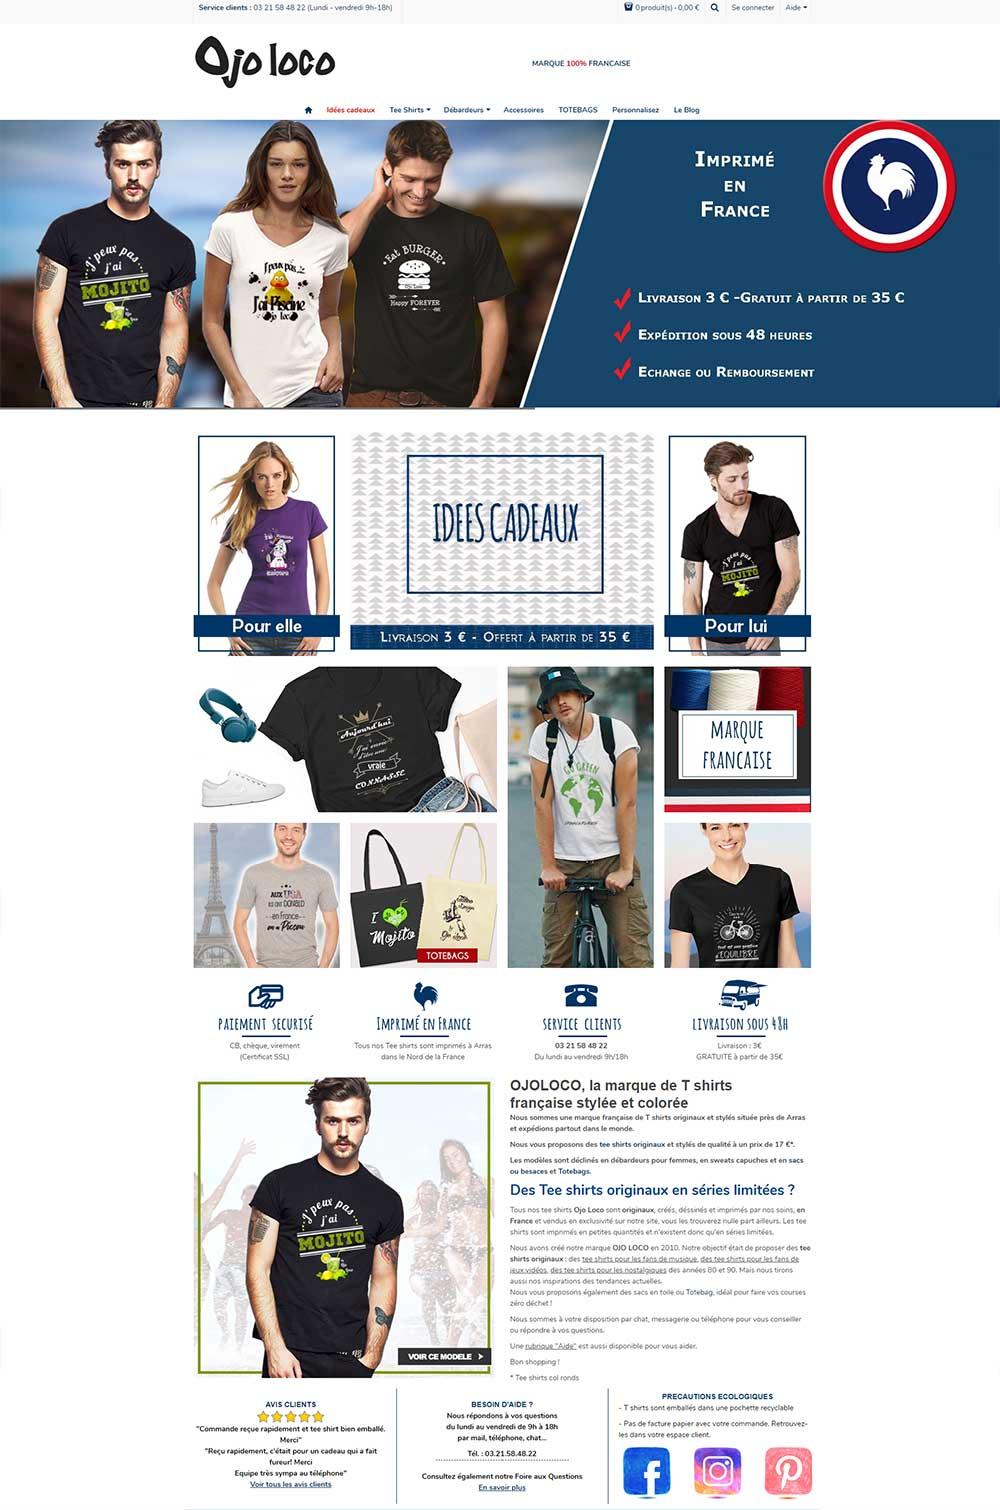 Création de site internet pour vente de vêtements